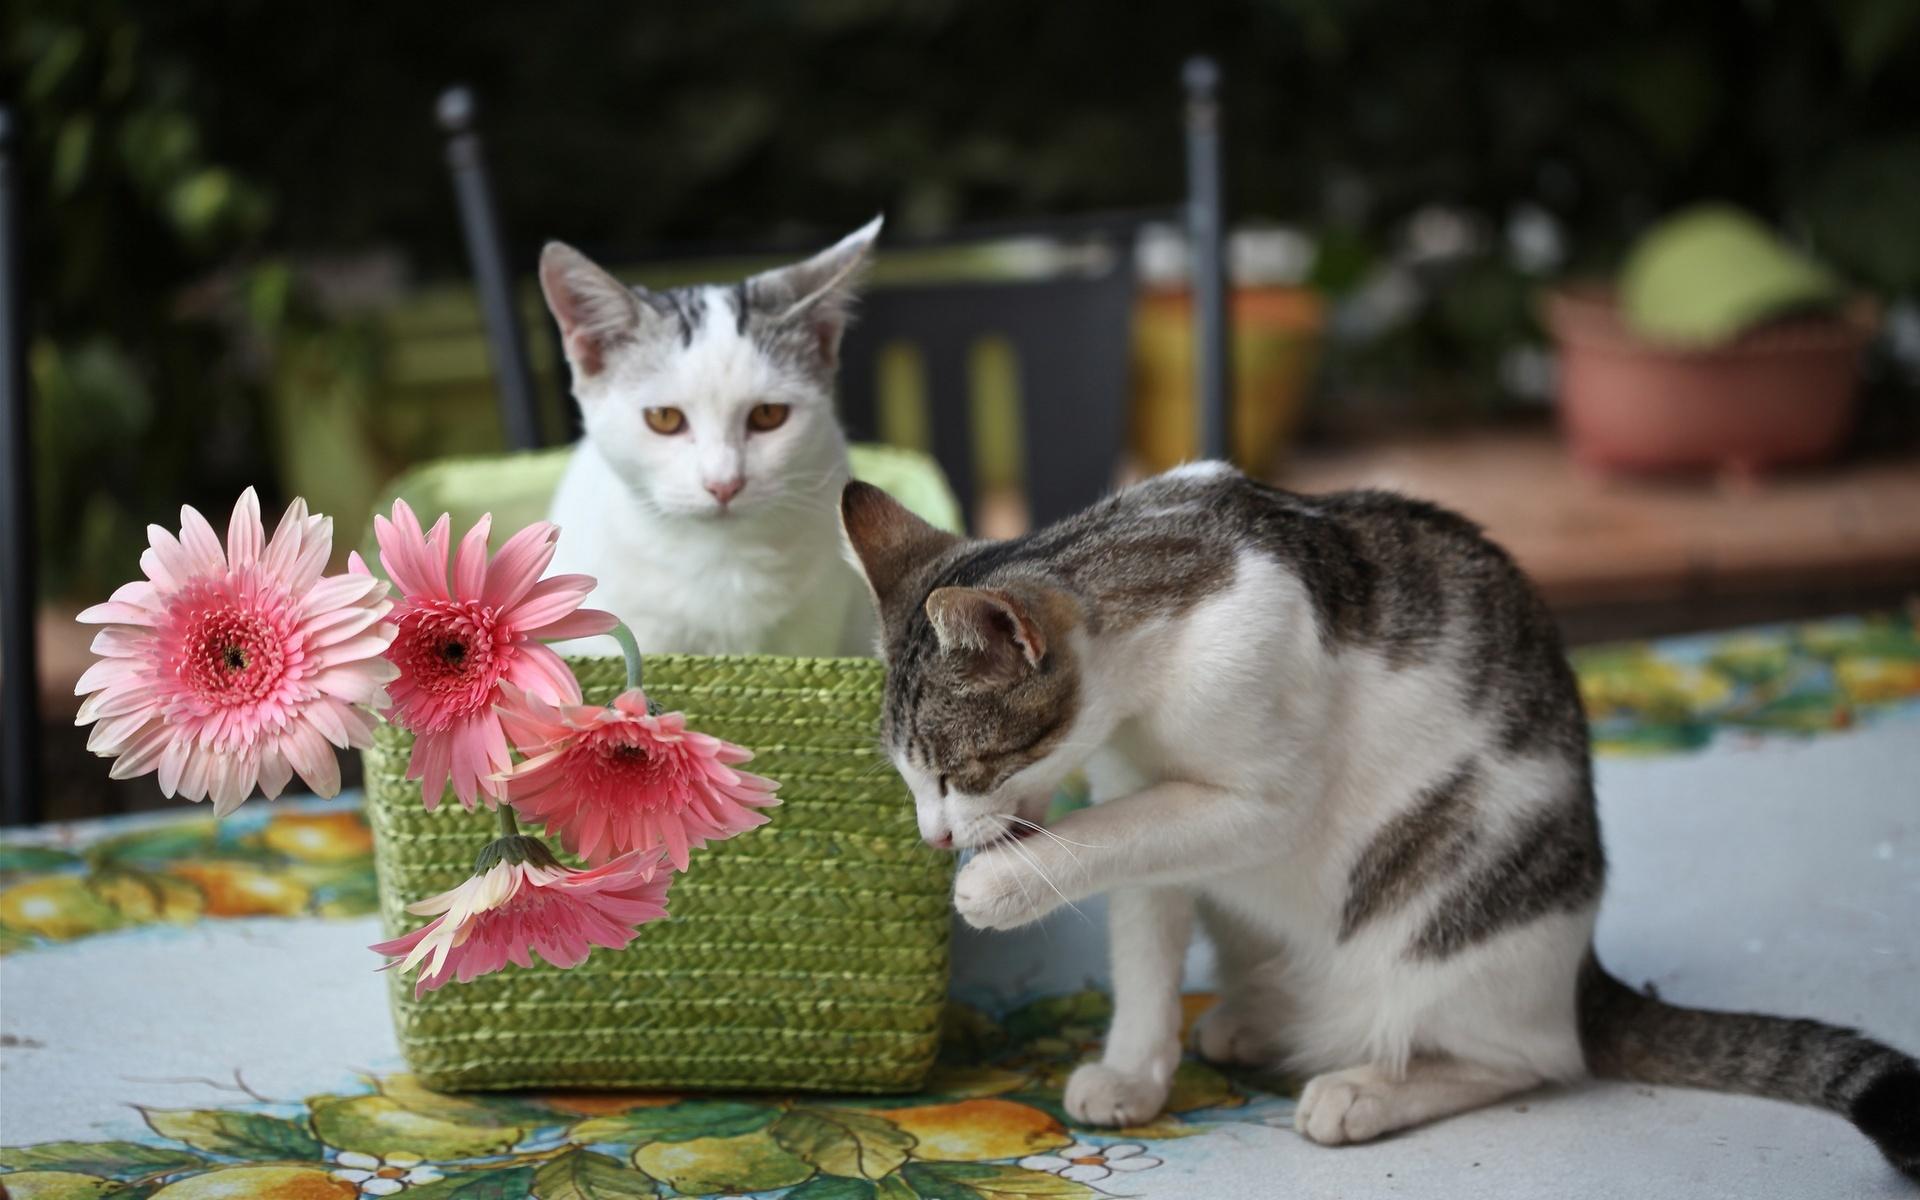 بالصور اجمل صور قطط , صور جميله عن القطط 6108 10